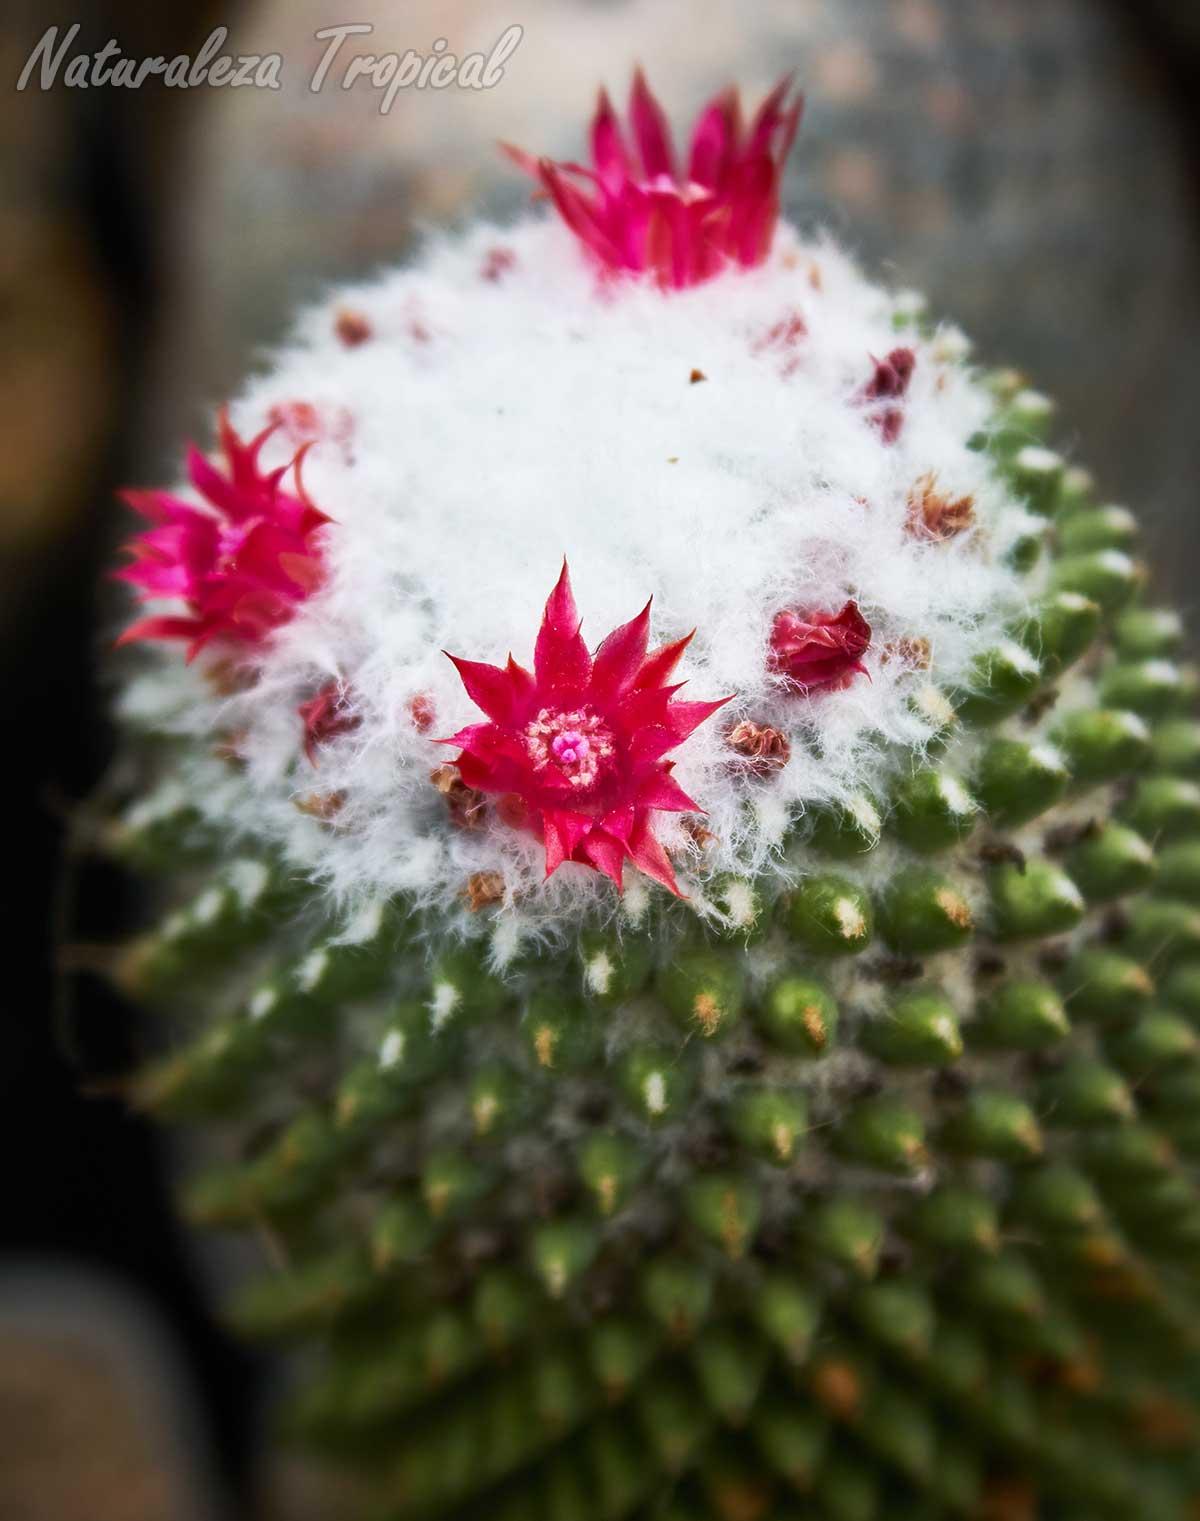 Vista de la floración y tallo del cactus Mammillaria polythele f. inermis (Mammillaria polythele cv. Stachellos)